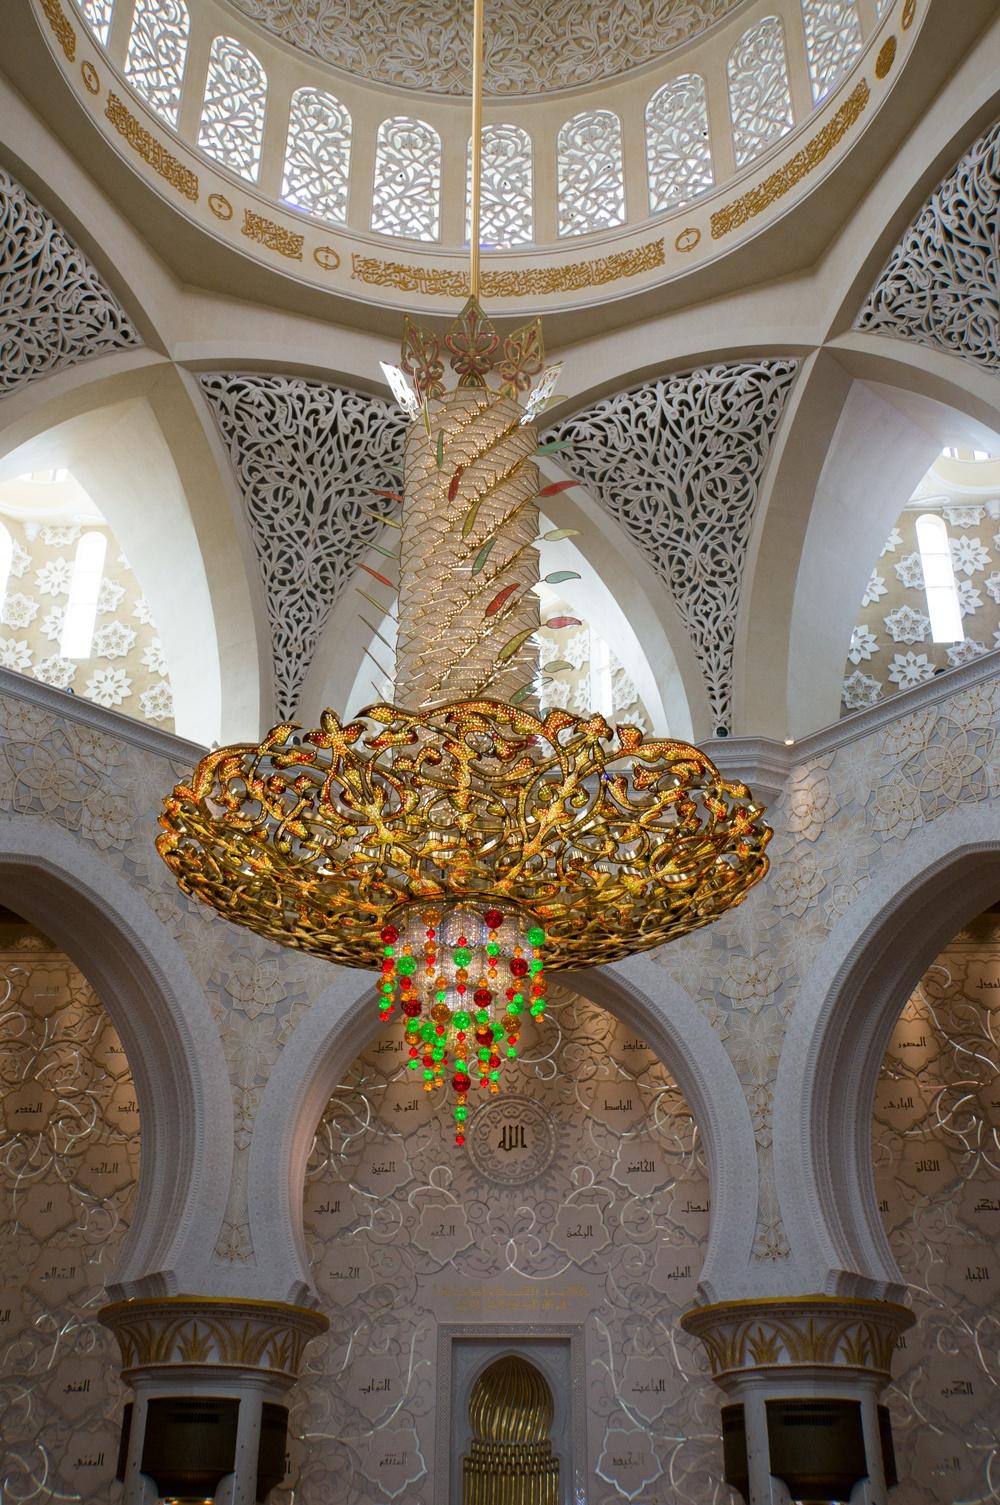 Leuchter in der Sheikh Zayed Bin Sultan Al Nahyan Moschee